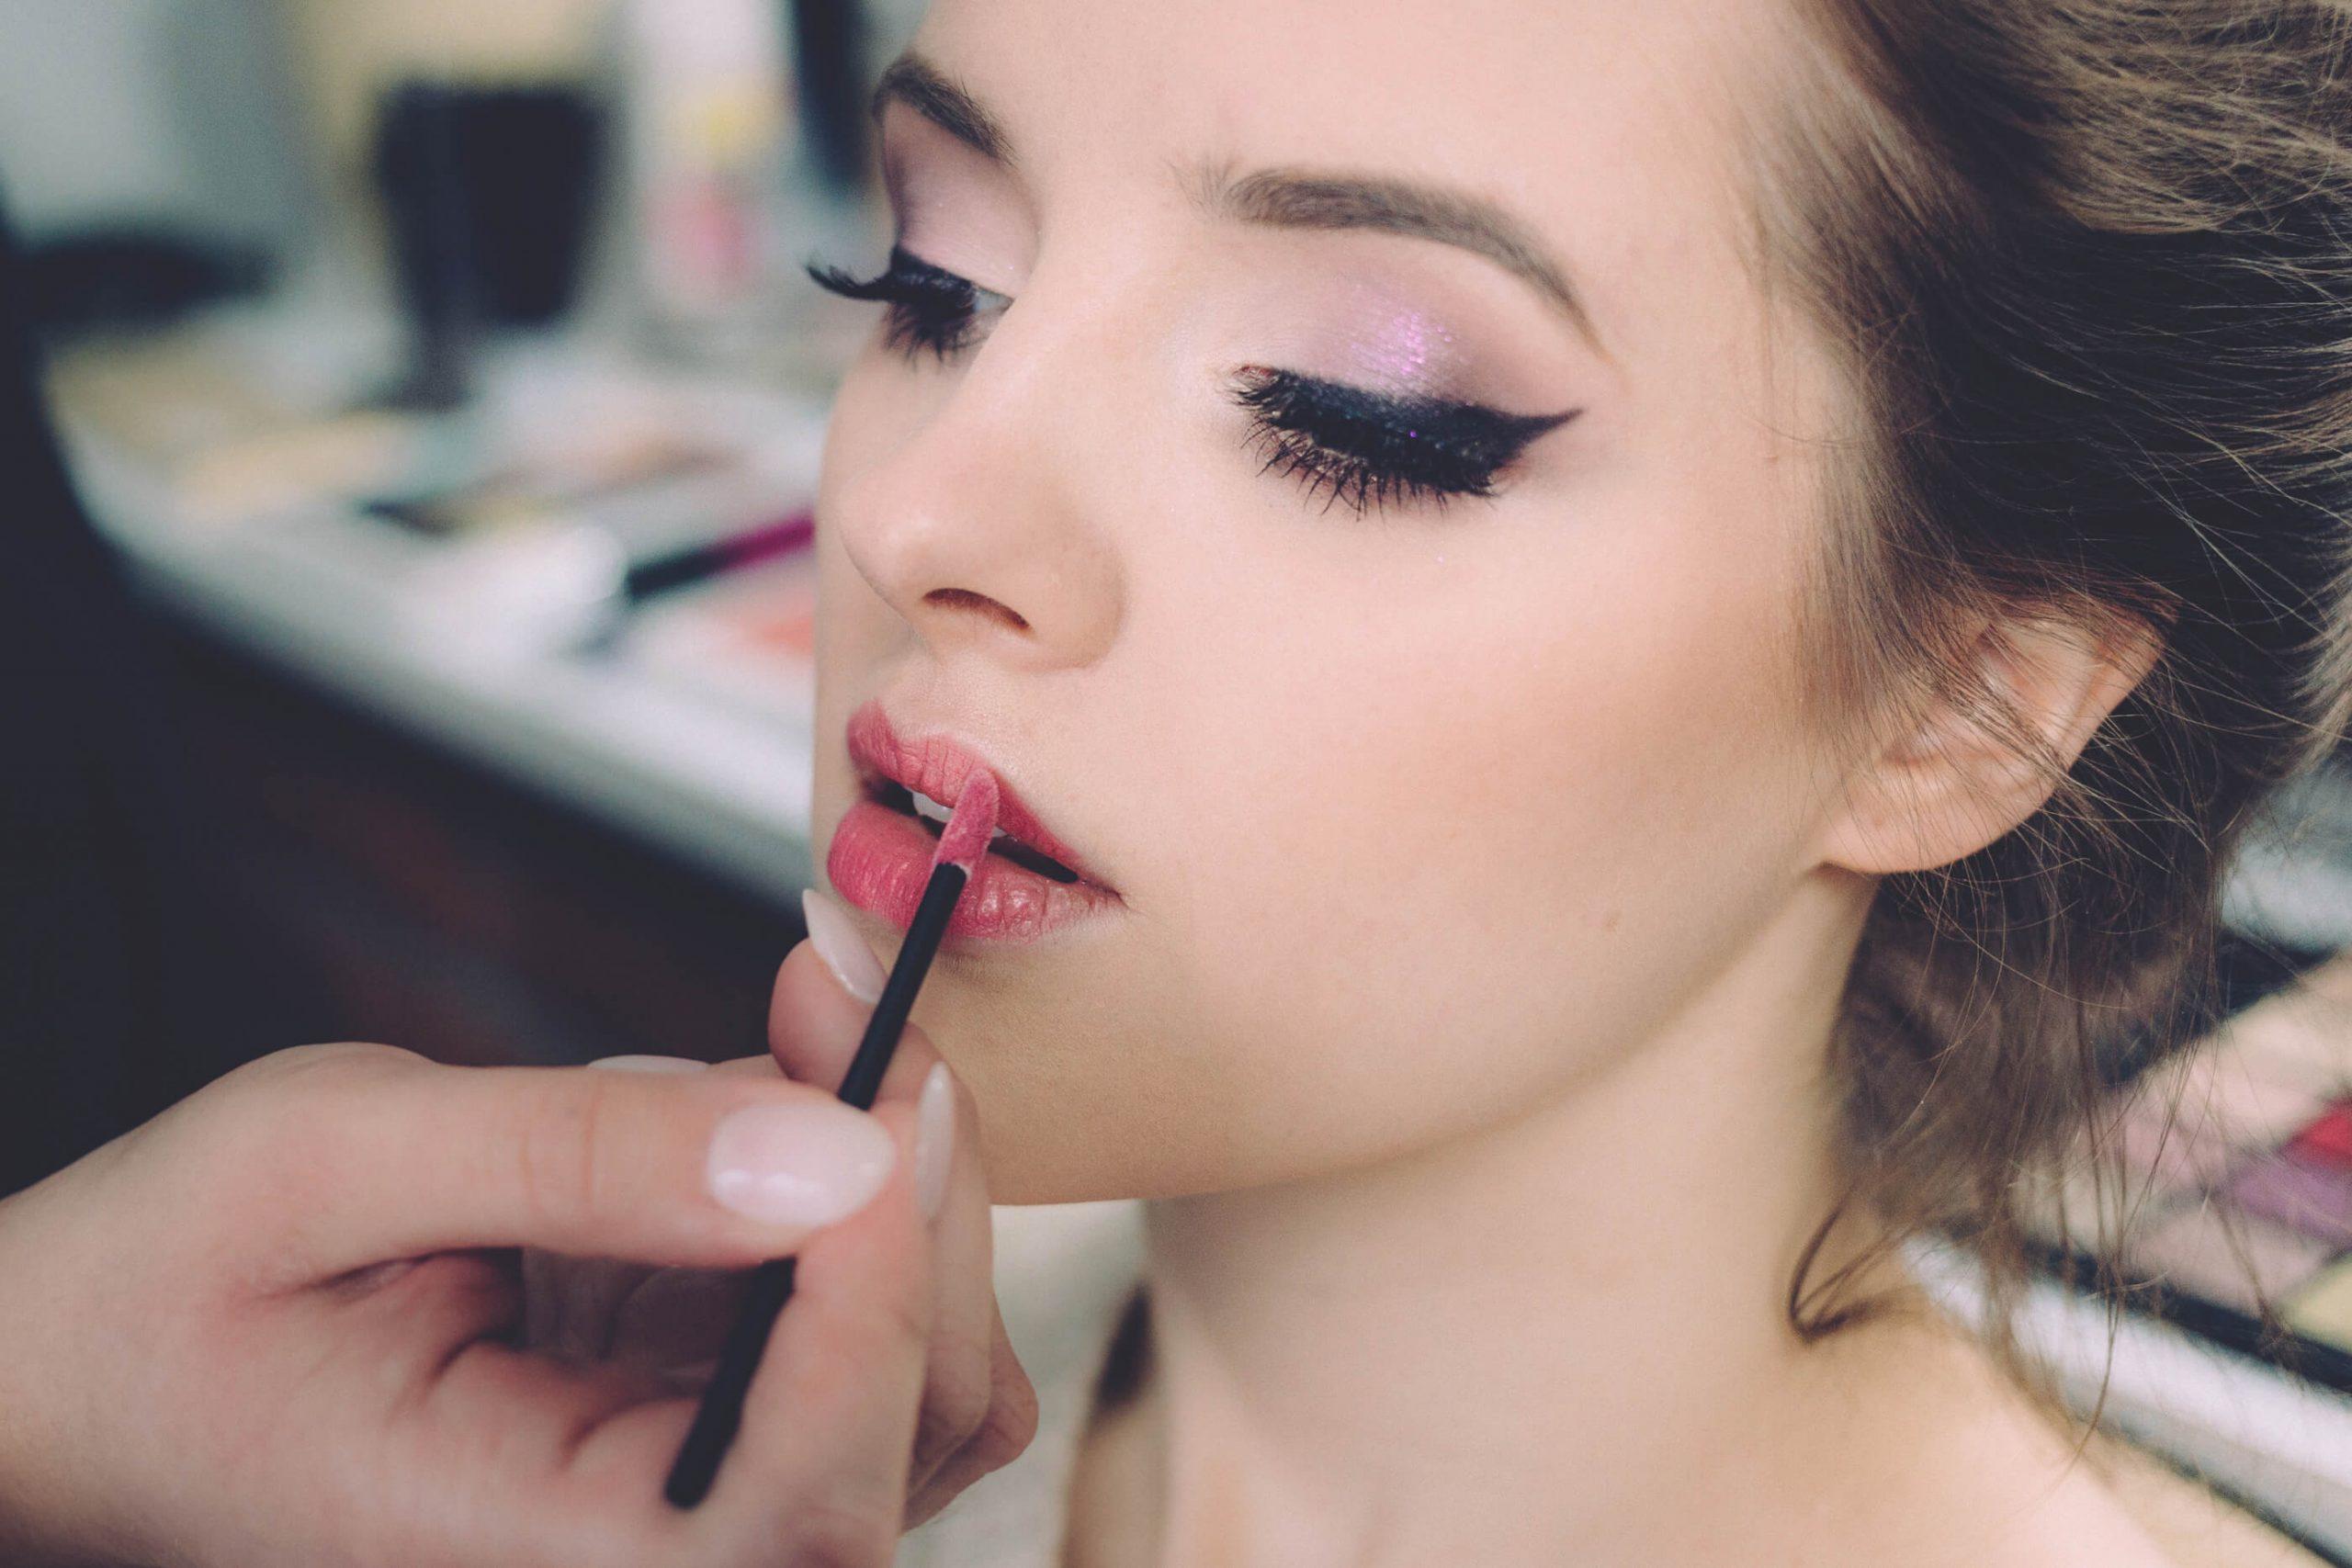 Jak przygotować twarz pod idealny makijaż, jak dbać o cerę?